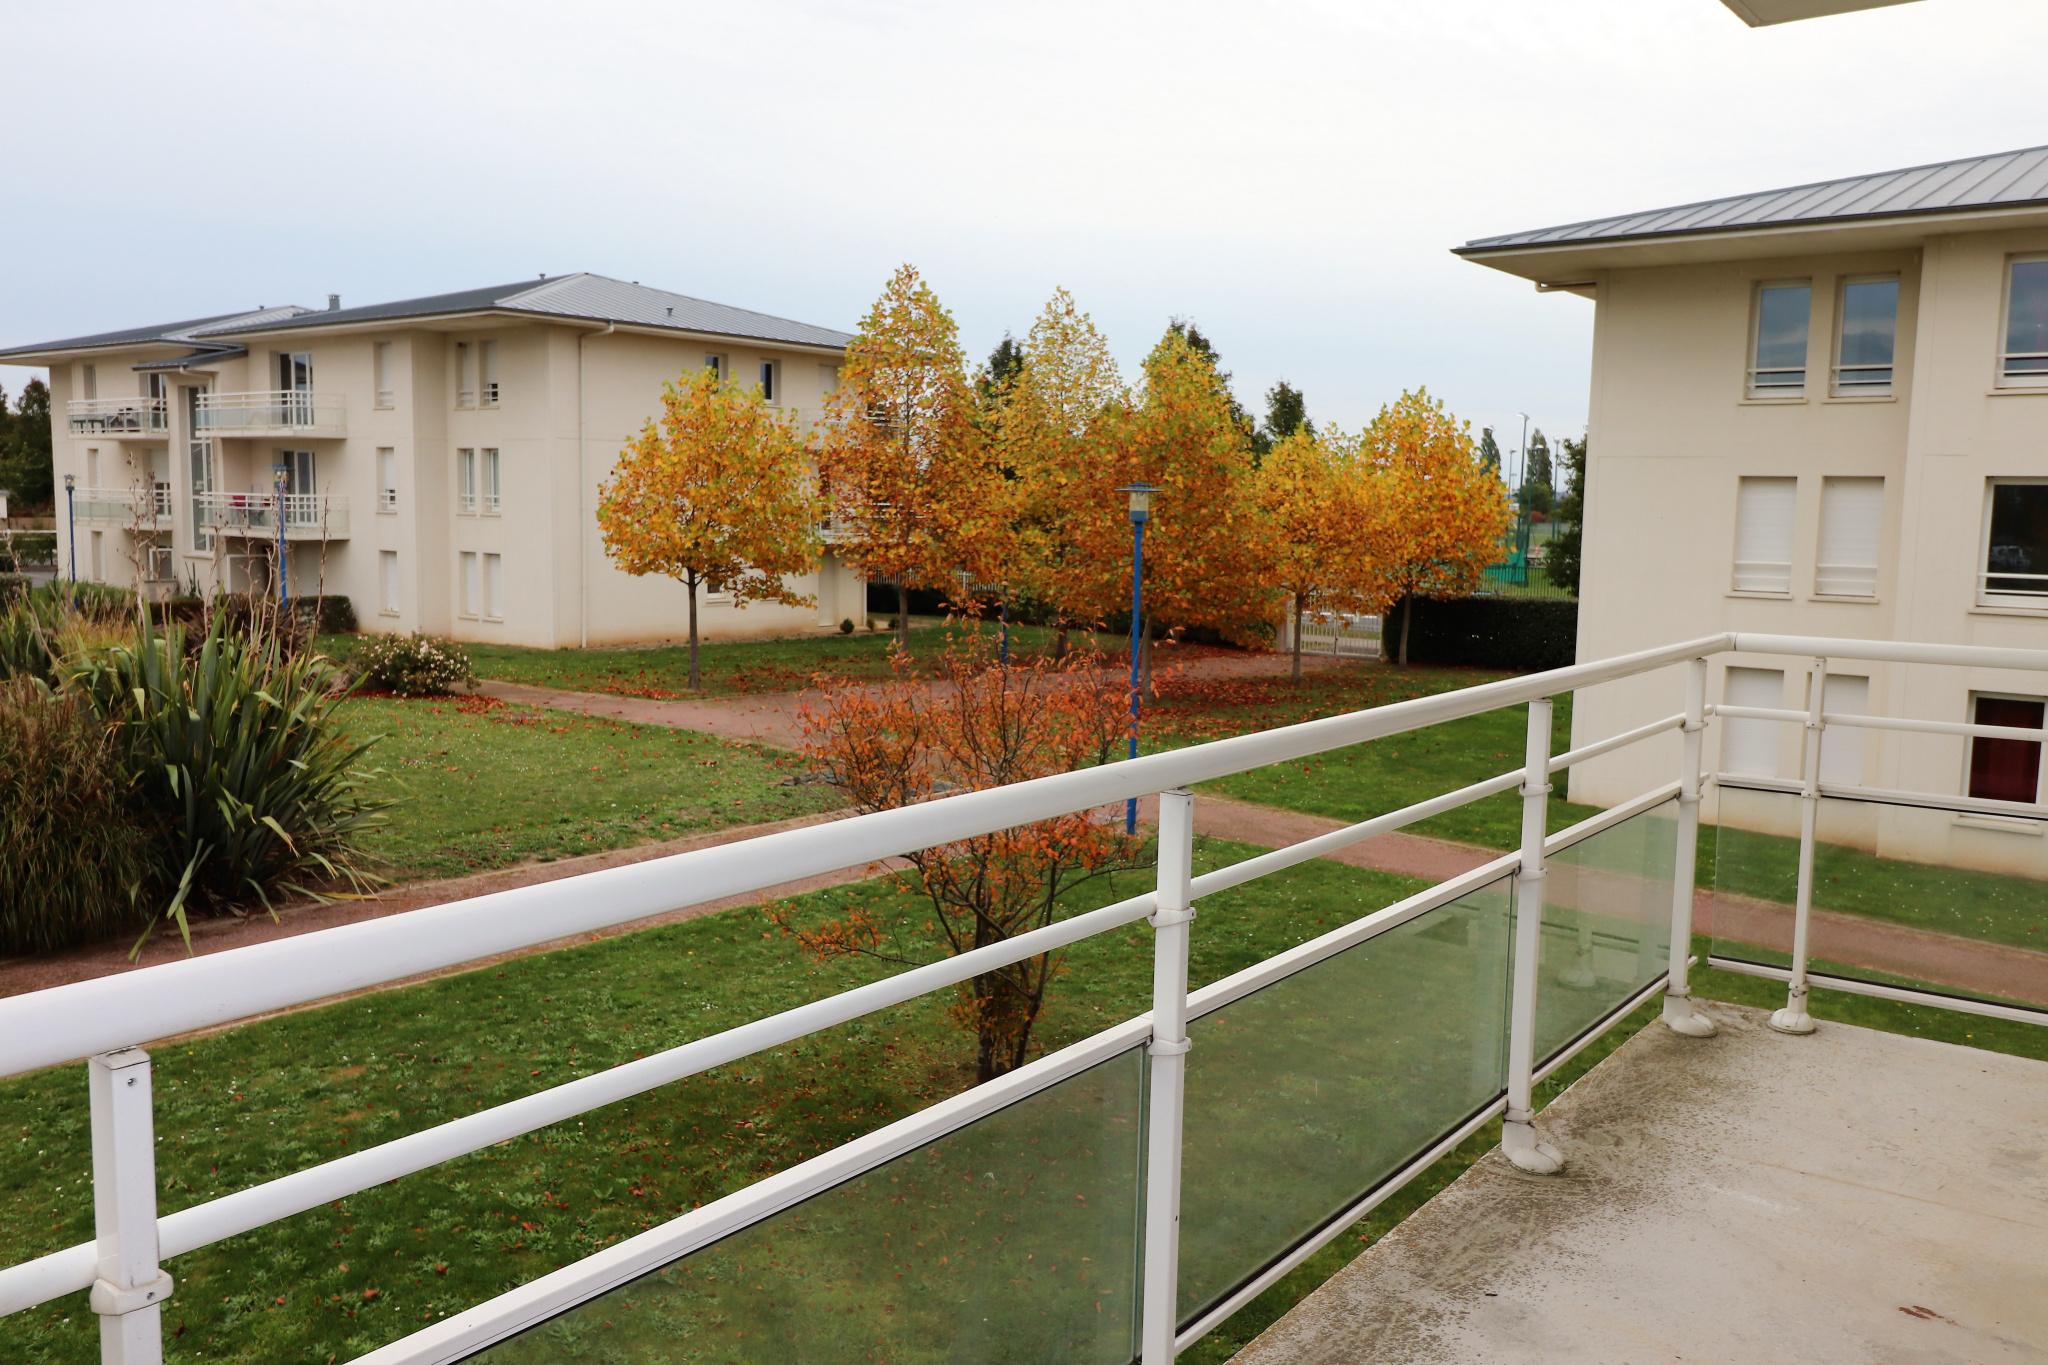 EXCLUSIVITE - Blainville/Orne appartement de 49 m2 vendu lou